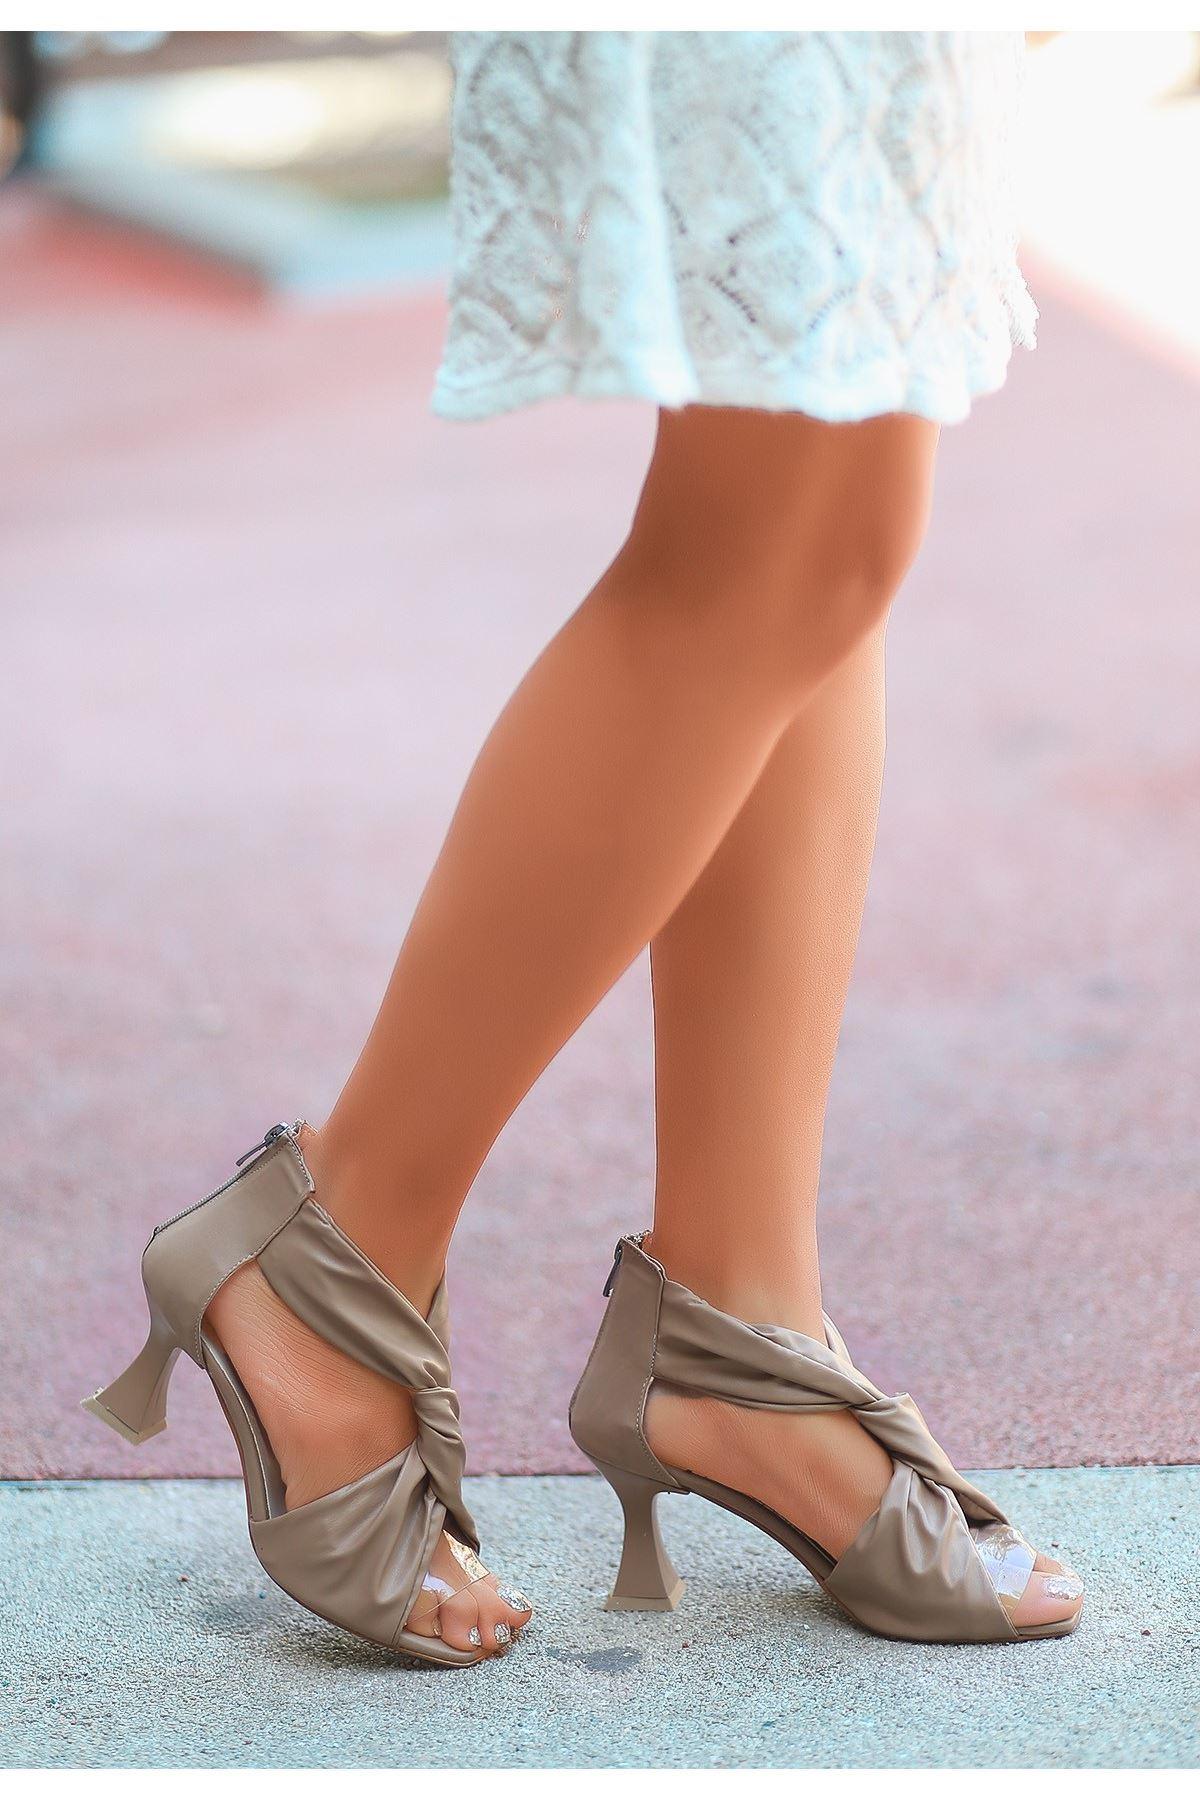 Myem Krem Cilt Topuklu Ayakkabı